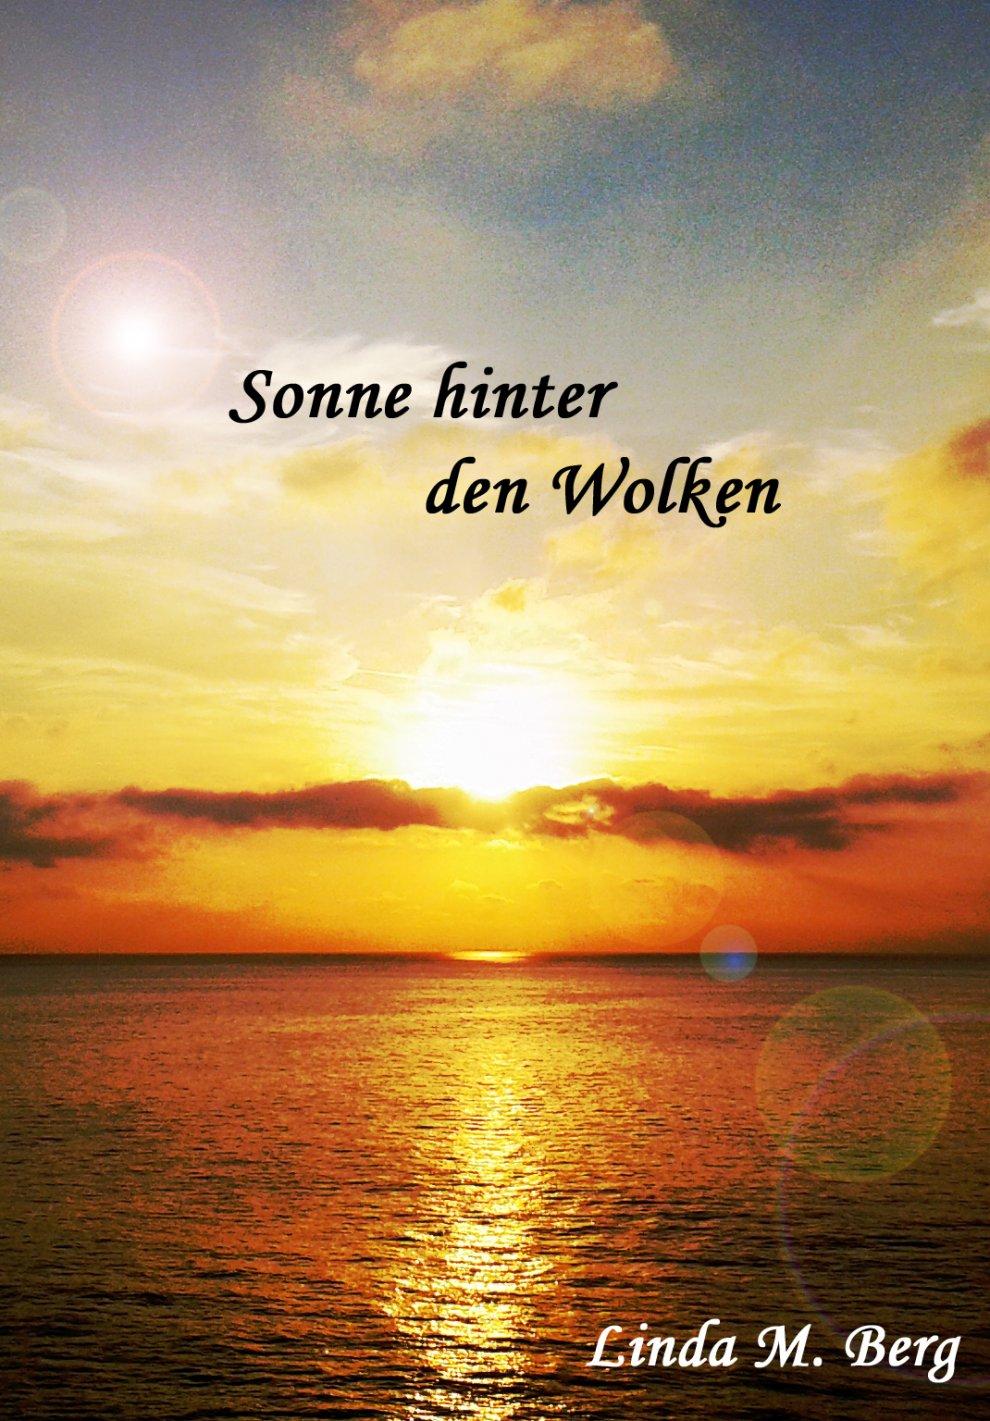 Sonne hinter den Wolken von Linda M. Berg